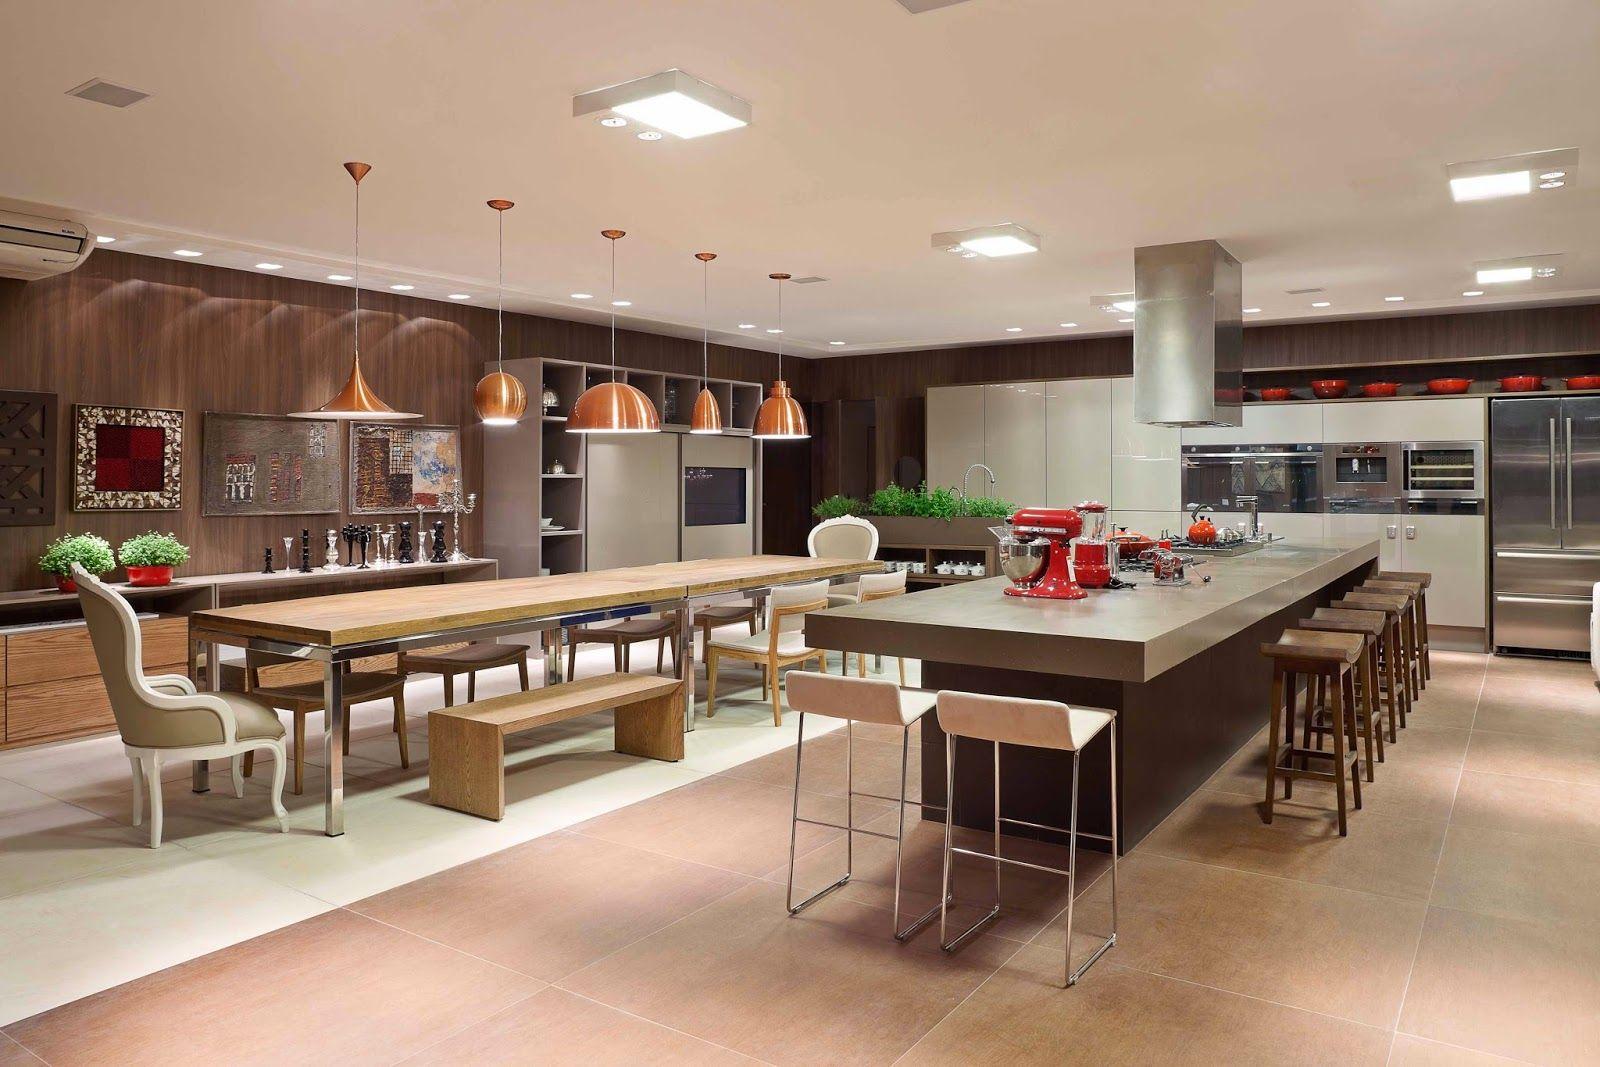 20 Cozinhas Modernas E Sofisticadas Inspire Se Ideias Para A